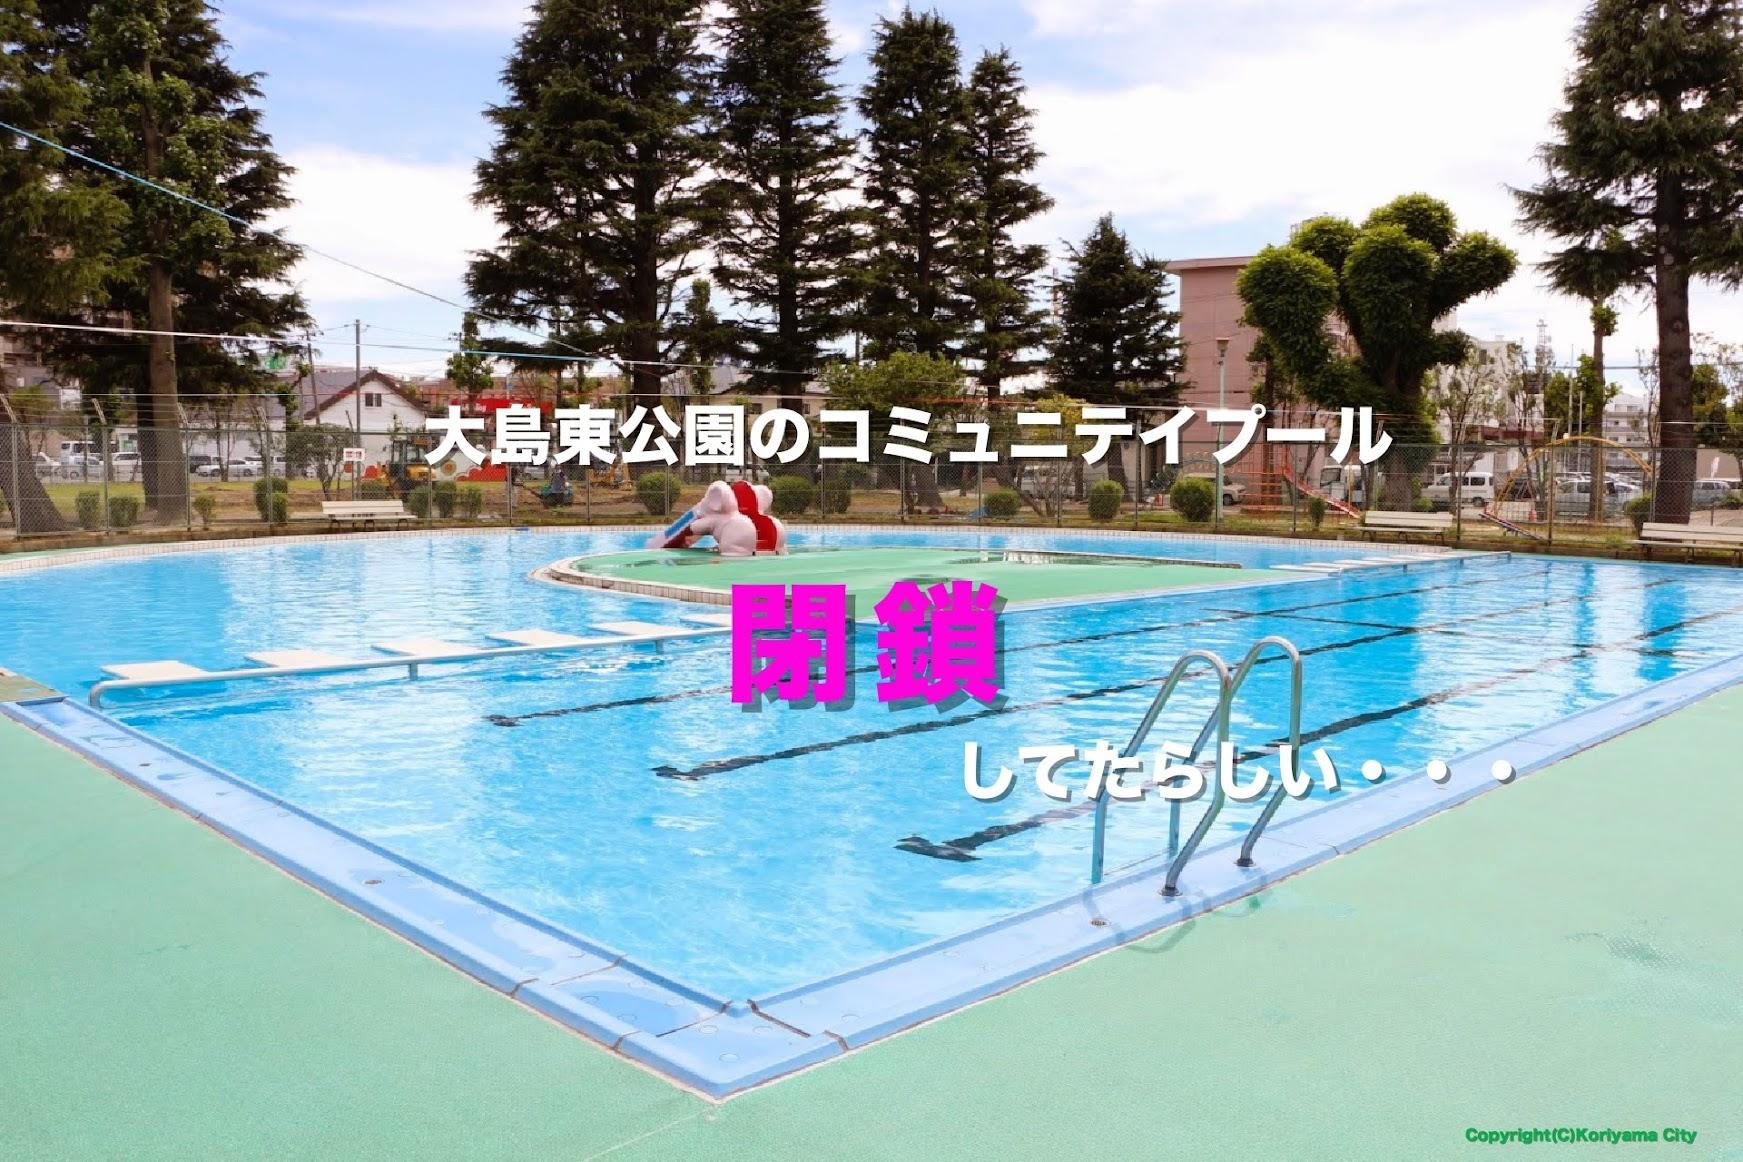 大島東公園 の コミュニティプール が廃止。代わりに 水遊び ができる場所は?